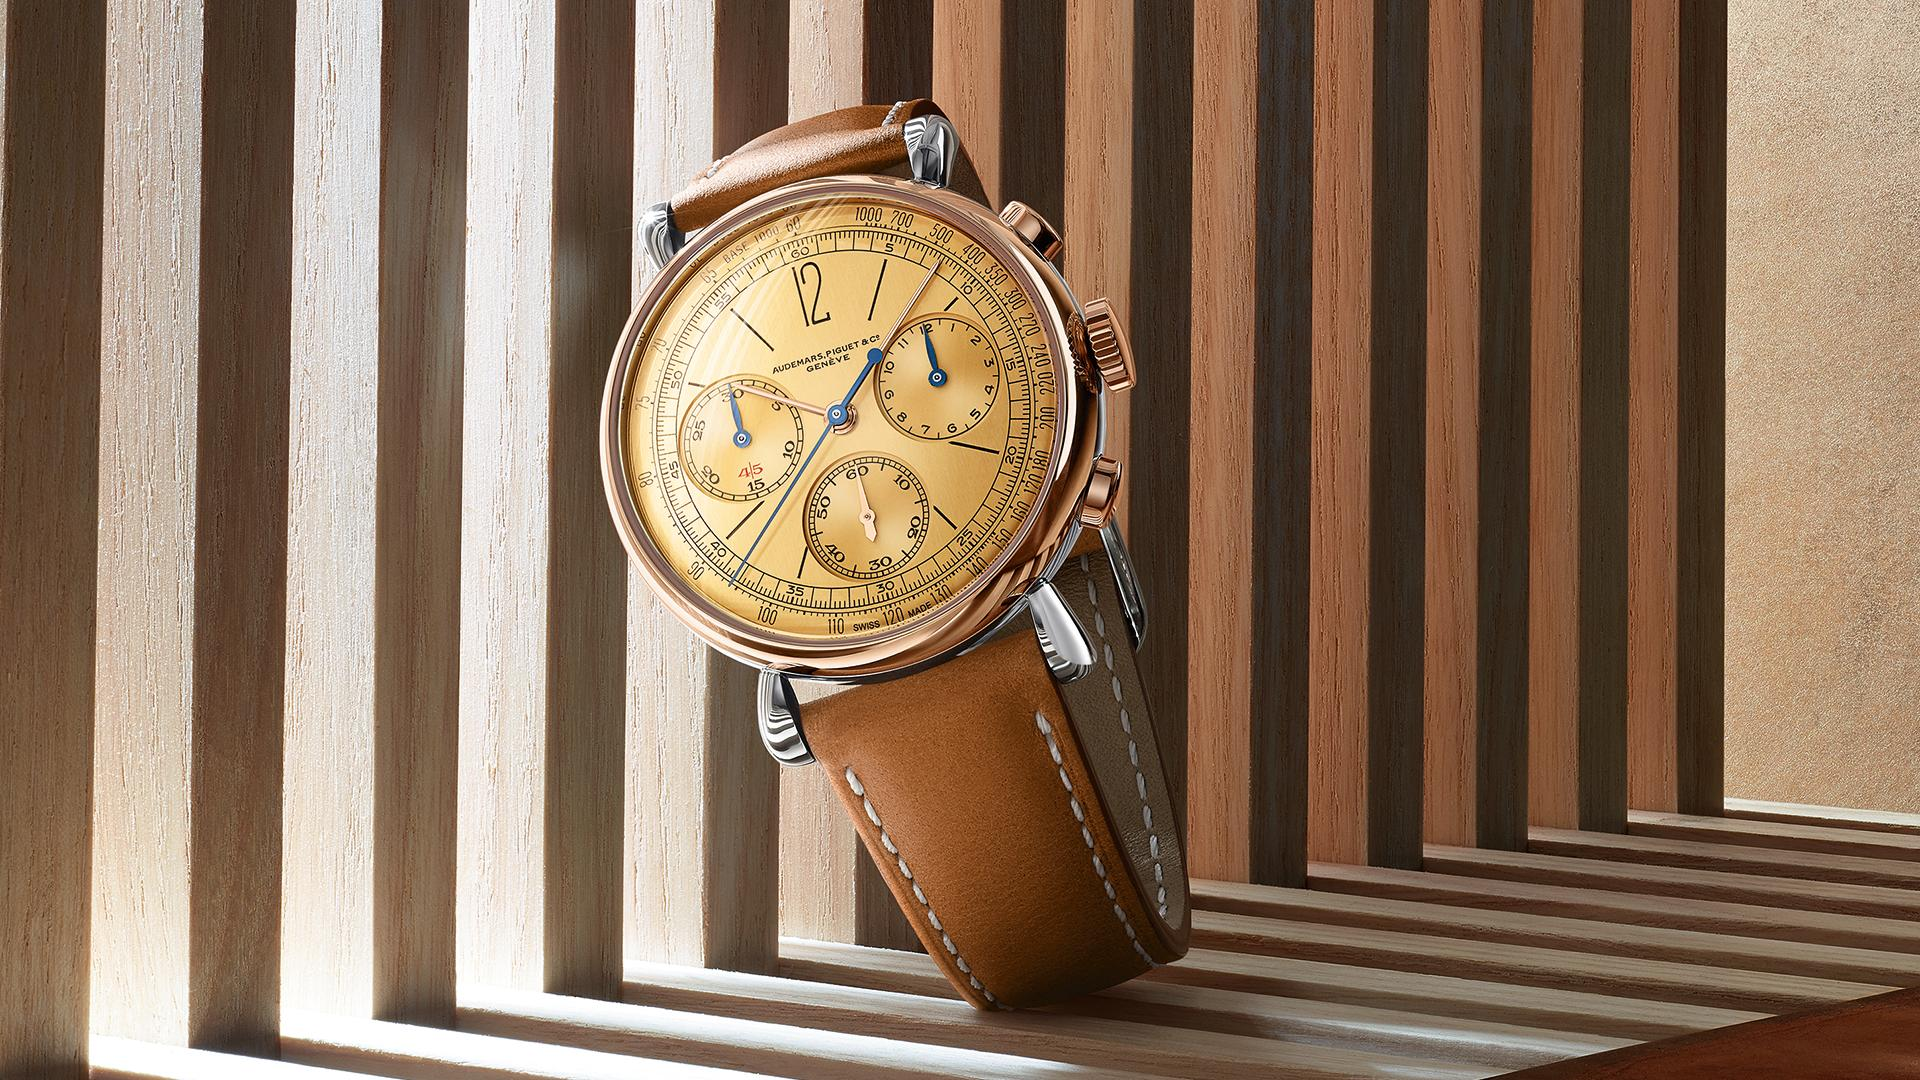 Audemars Piguet [Re]master01 Self Winding Chronograph watch review